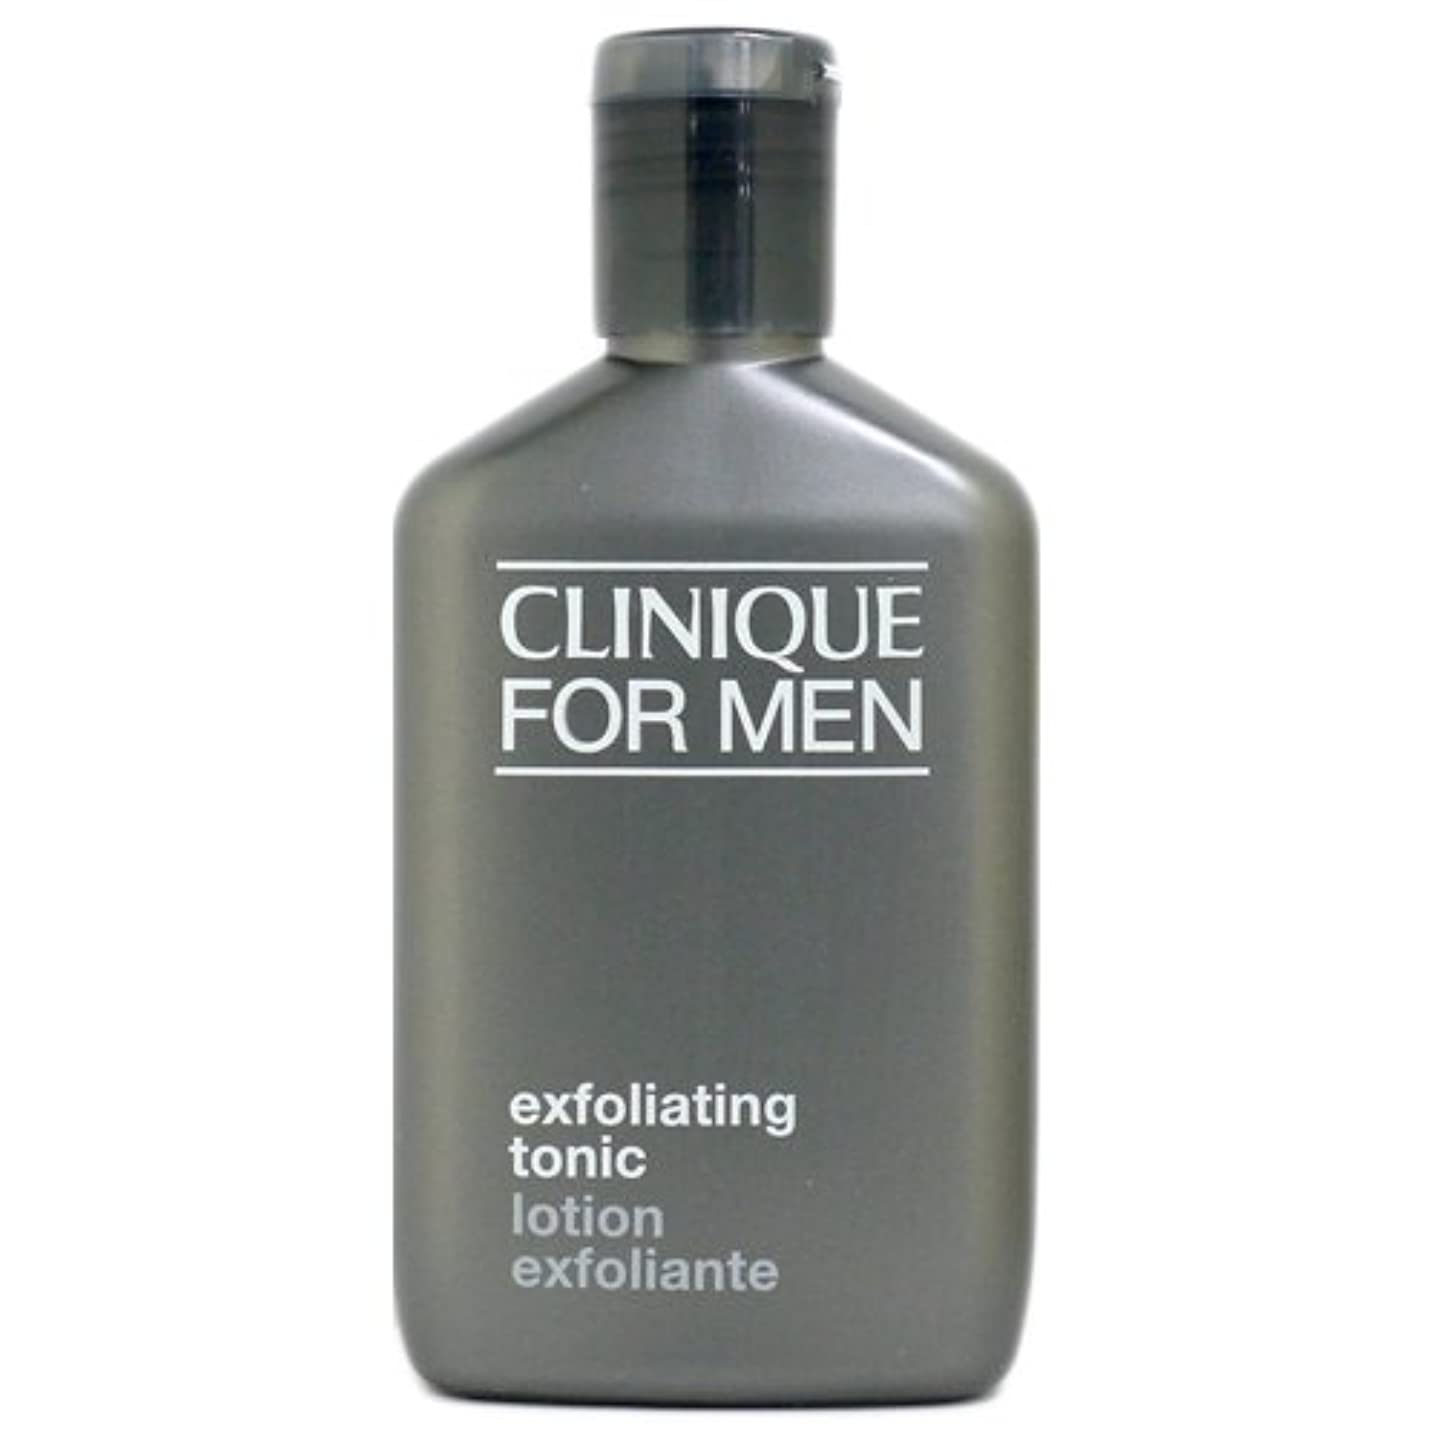 不安定なフォーマル保持するクリニークフォーメン(CLINIQUE FOR MEN) エクスフォリエーティング トニック 200ml[並行輸入品]